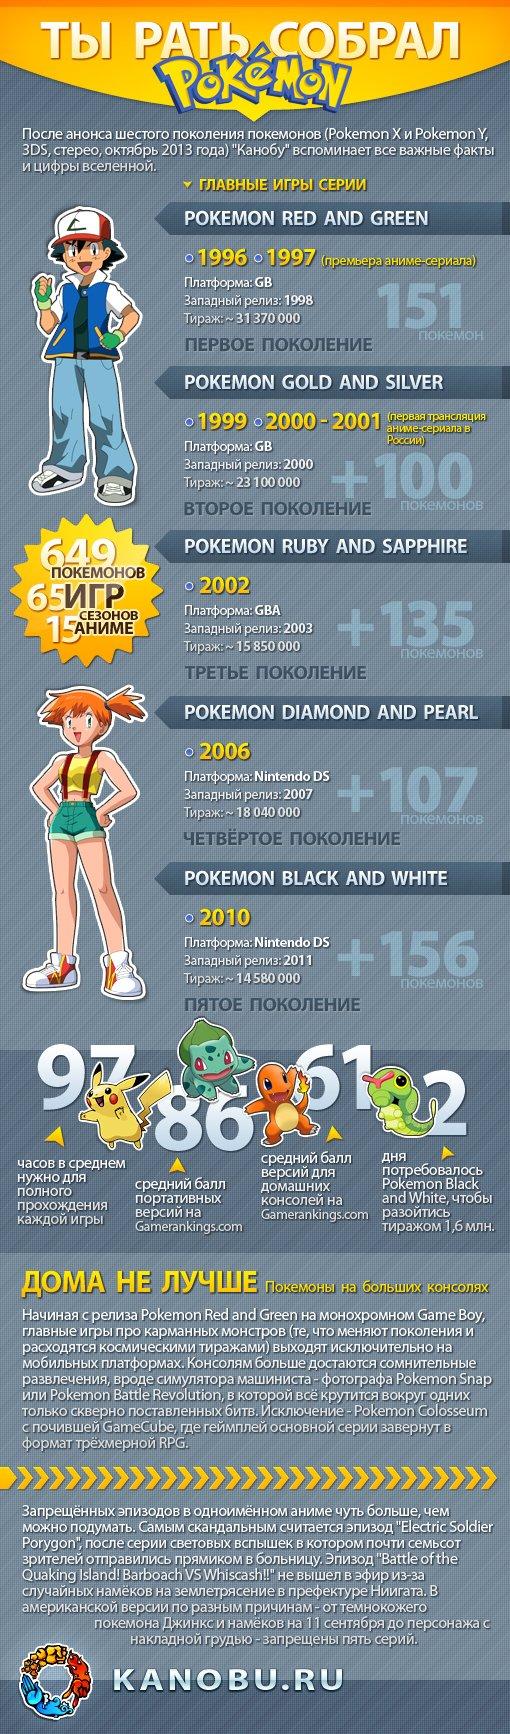 Инфографика. Ты рать собрал: Покемоноведение - Изображение 2